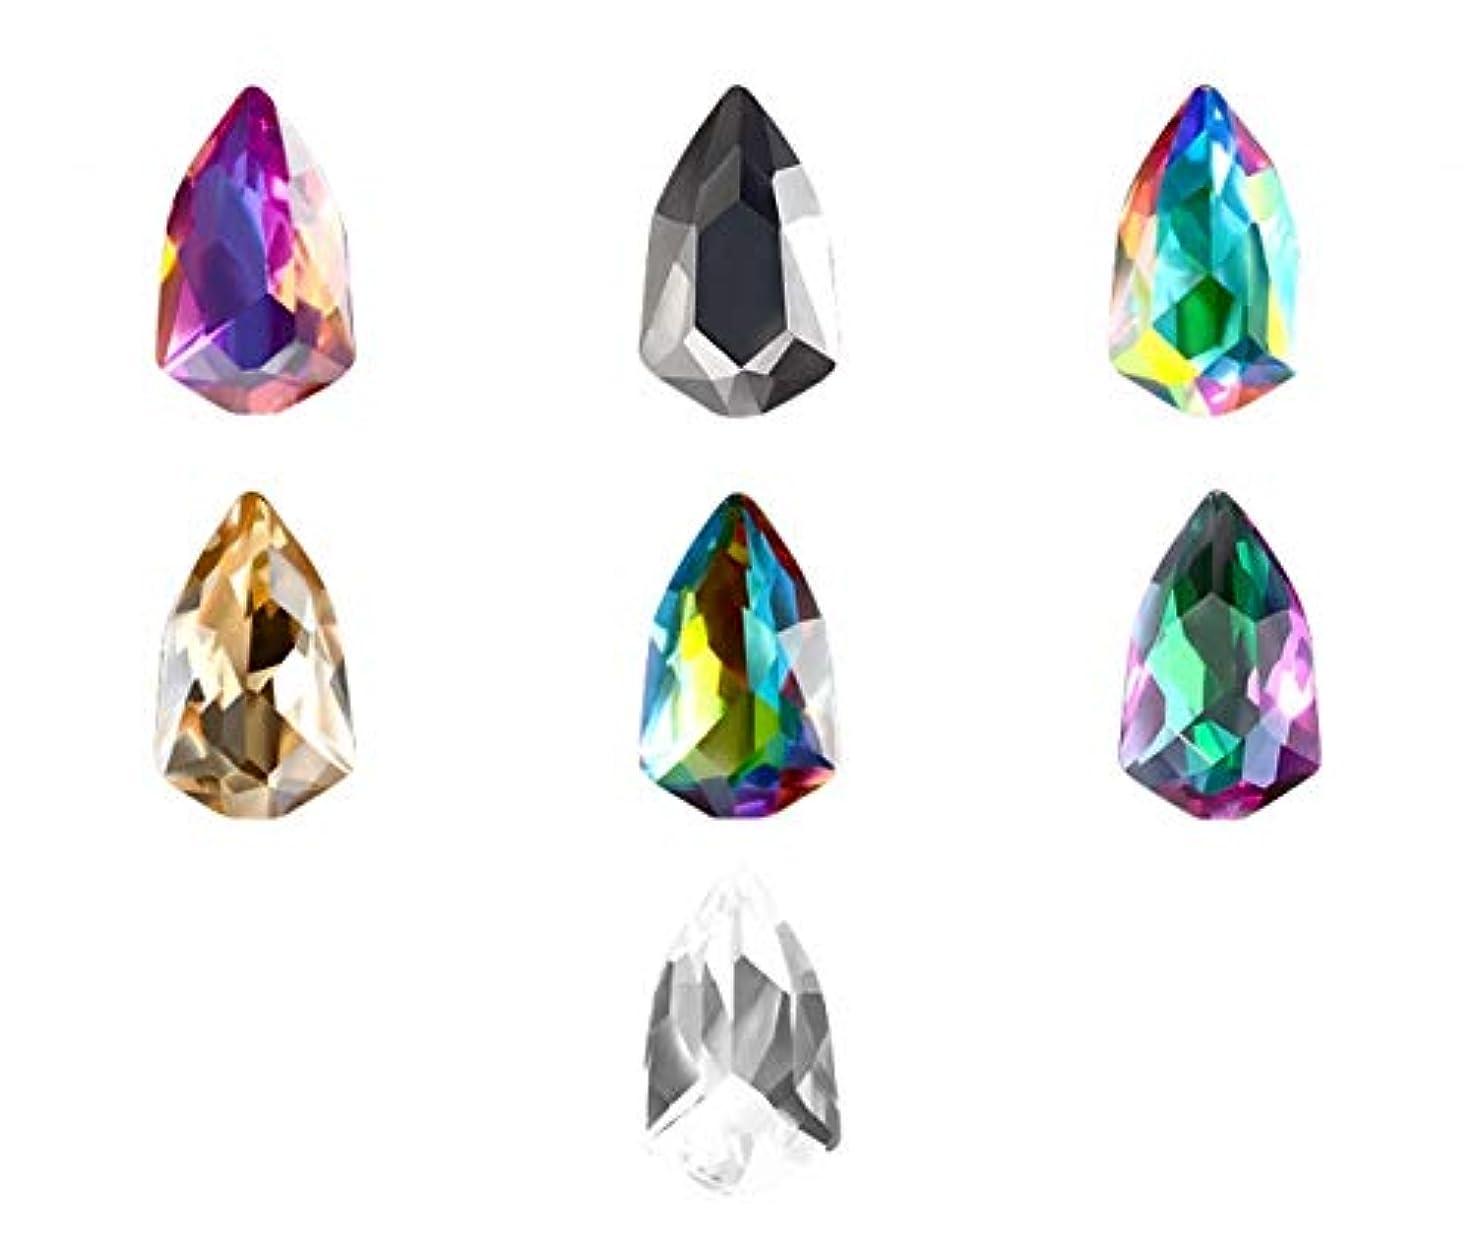 顕微鏡見かけ上安価なTianmey 3D宝石マニキュア装飾のためのアートDIYクリスタルラインストーンミラーストーンネイル